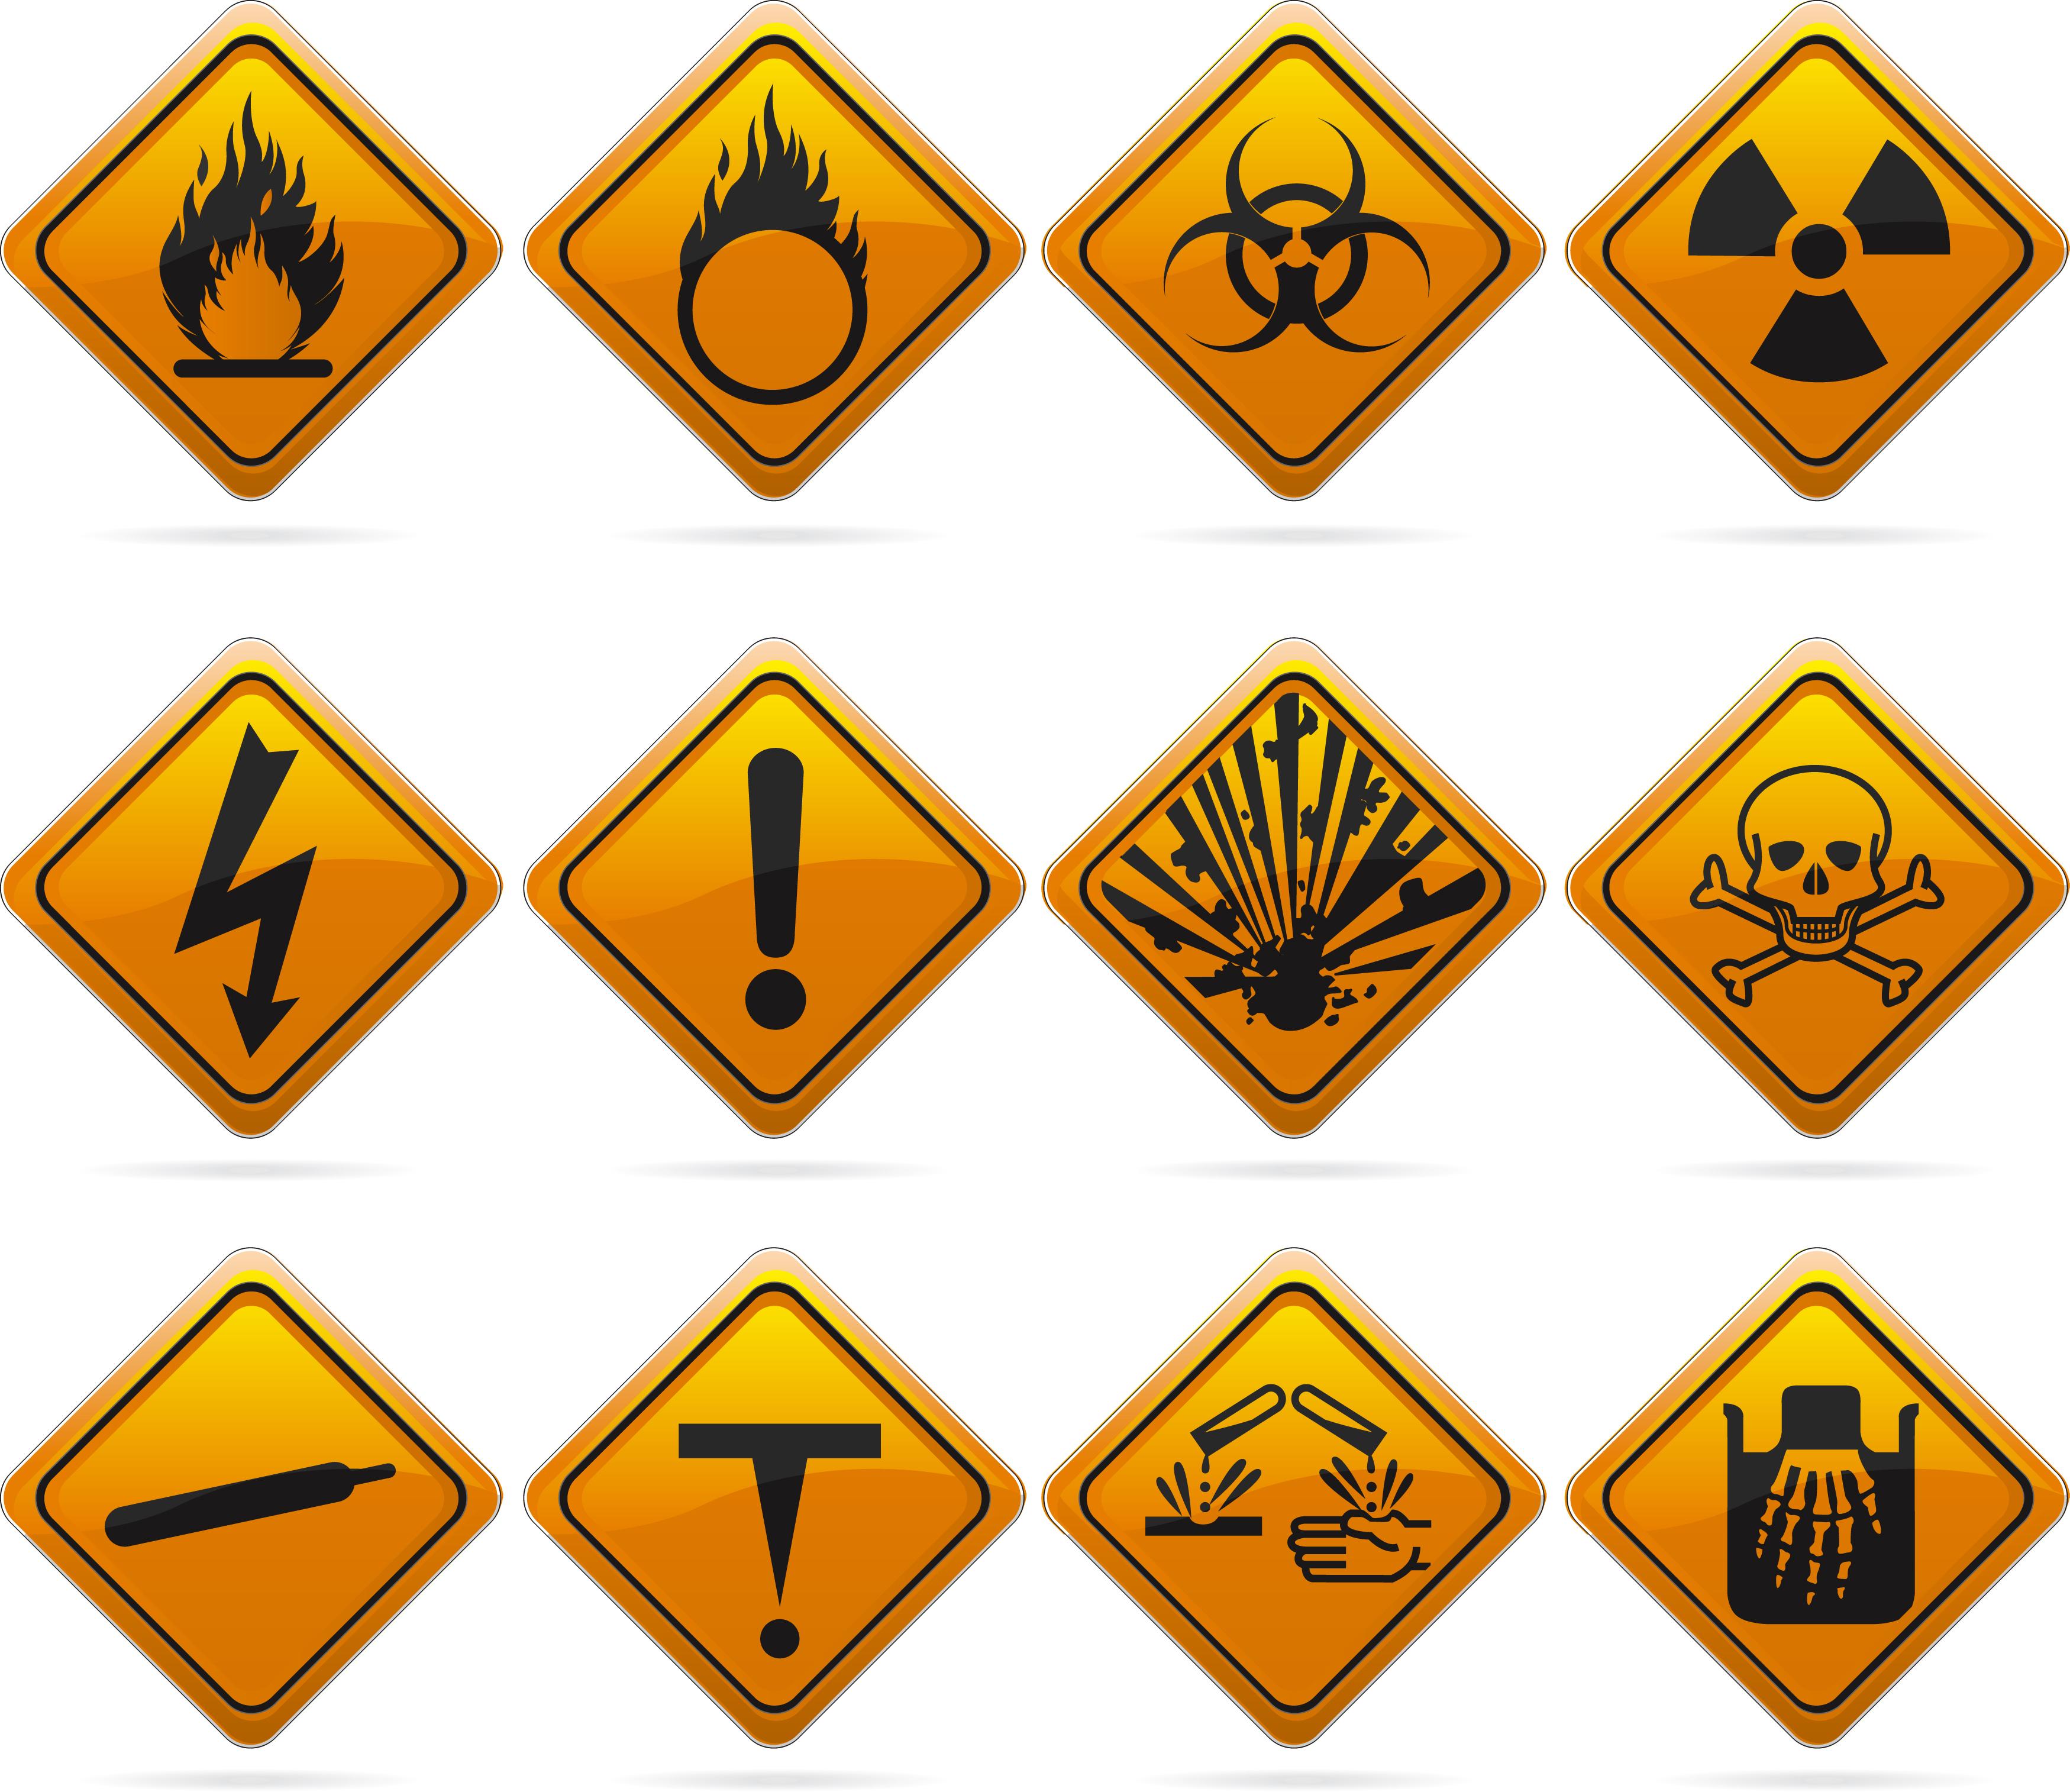 Chip hazard symbols health safety wiki chip hazard symbols biocorpaavc